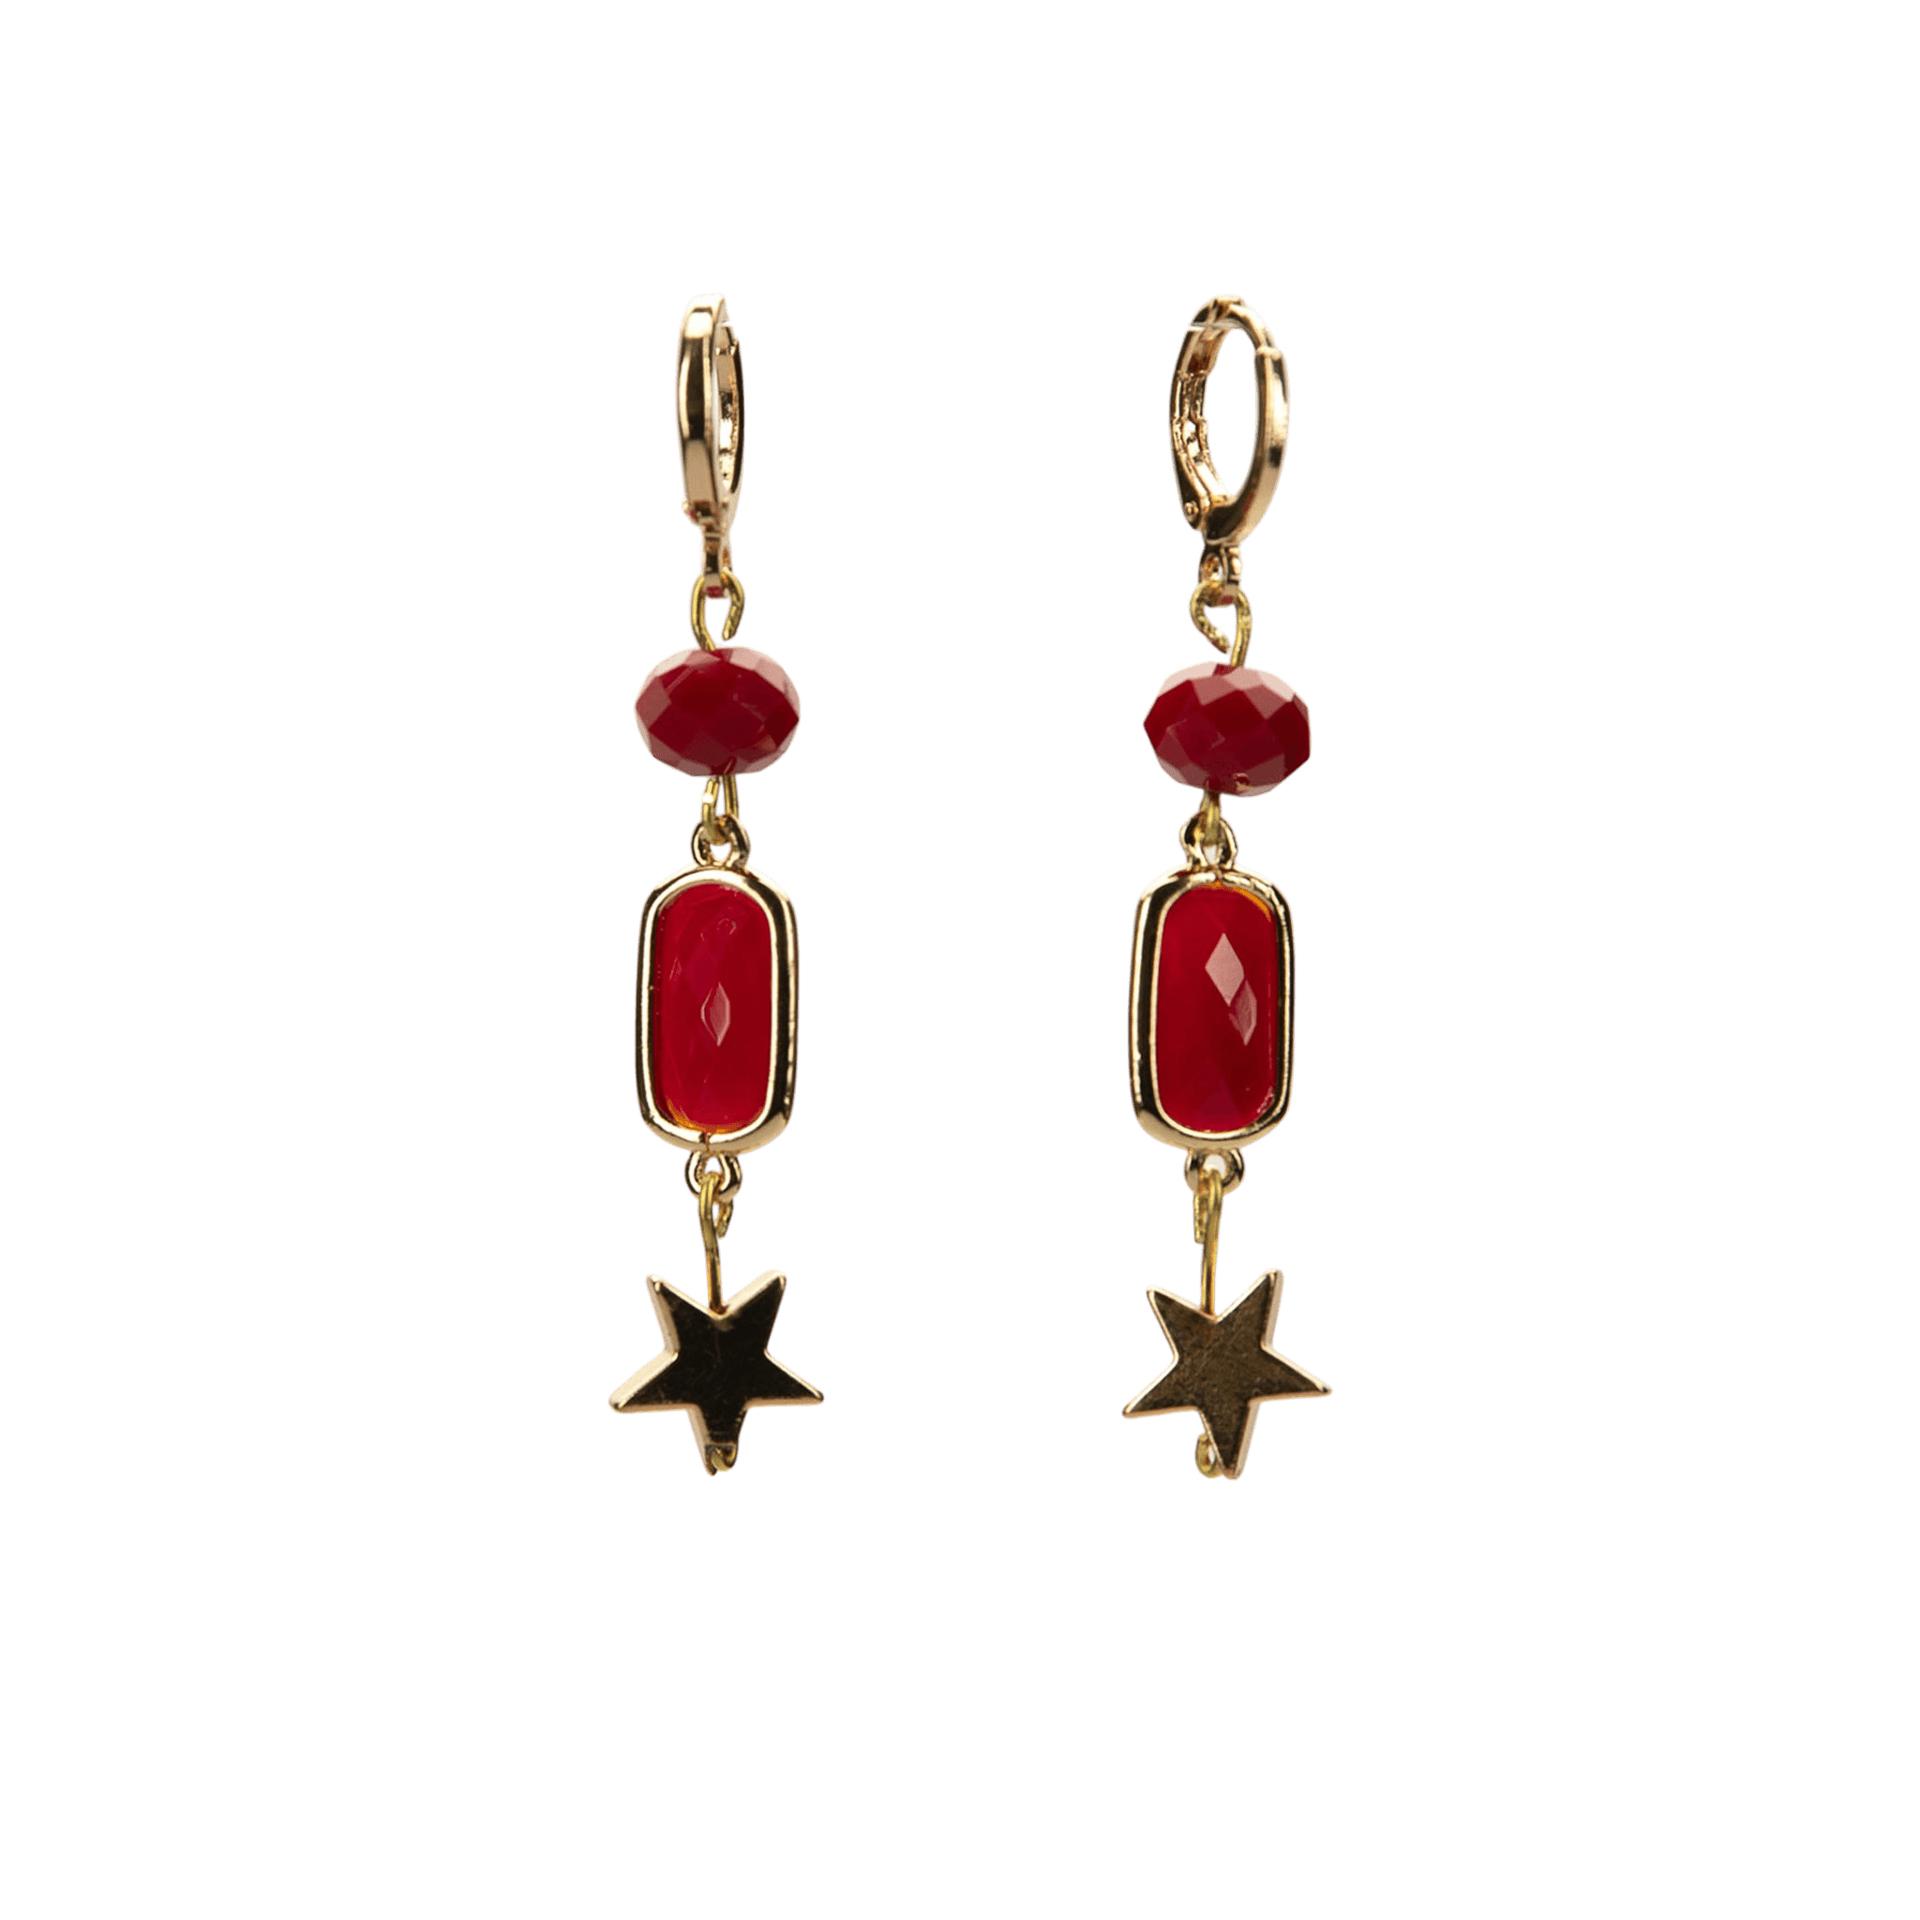 Σκουλαρίκια Κόκκινο με Χρυσό